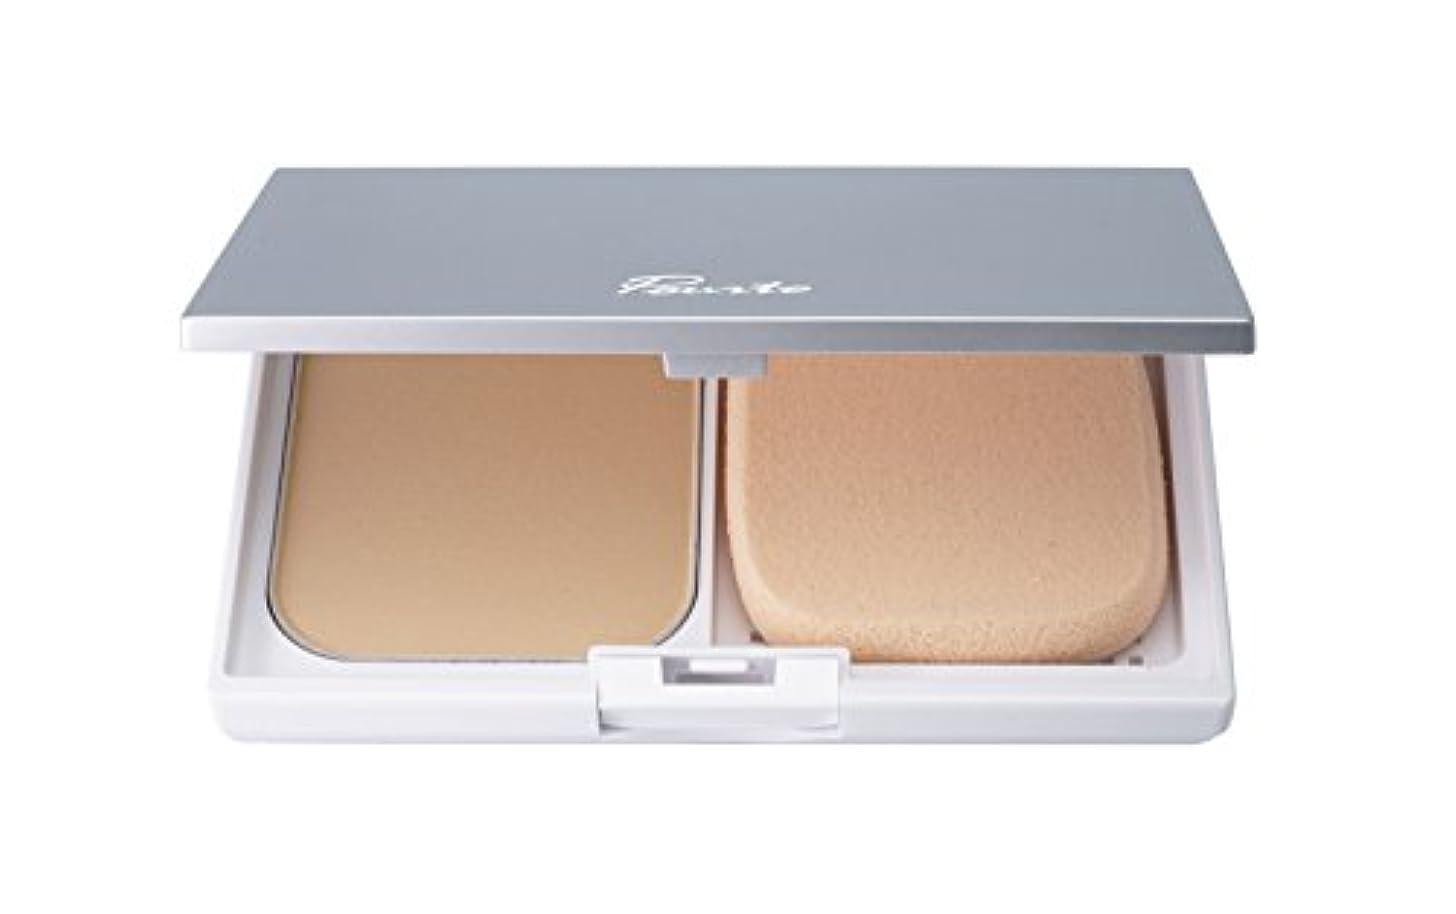 モス試験変わるポルトA 紫外線からお肌を守り、日焼けによるシミ、ソバカスを防ぐパウダリーファンデーション 3号:ベージュ(7503)